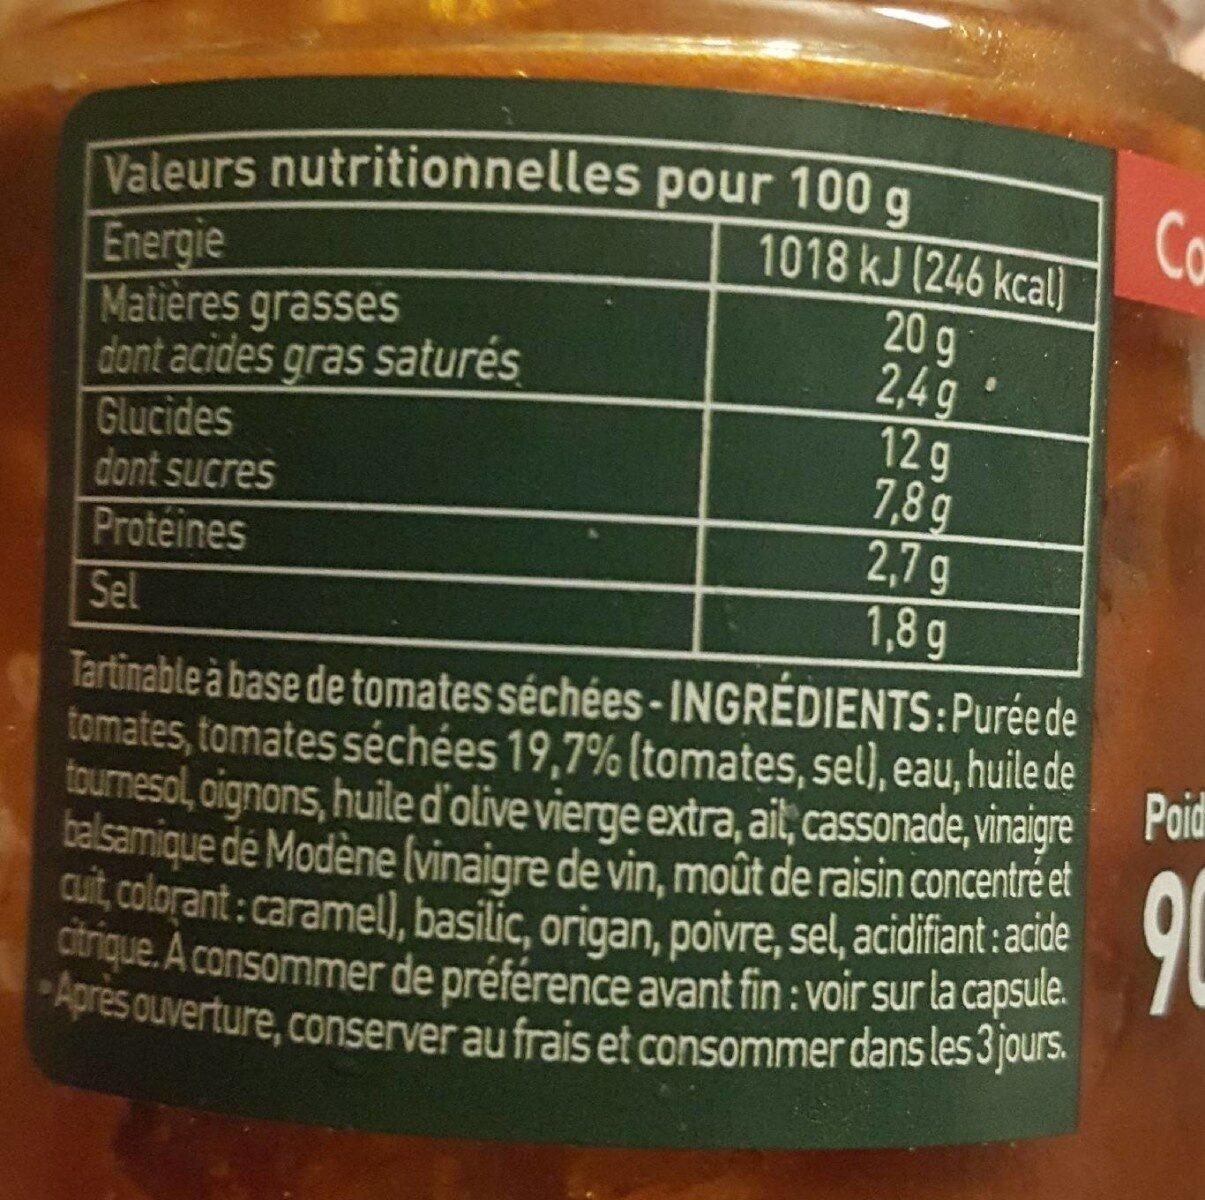 Confit de tomates sèchées - Informations nutritionnelles - fr